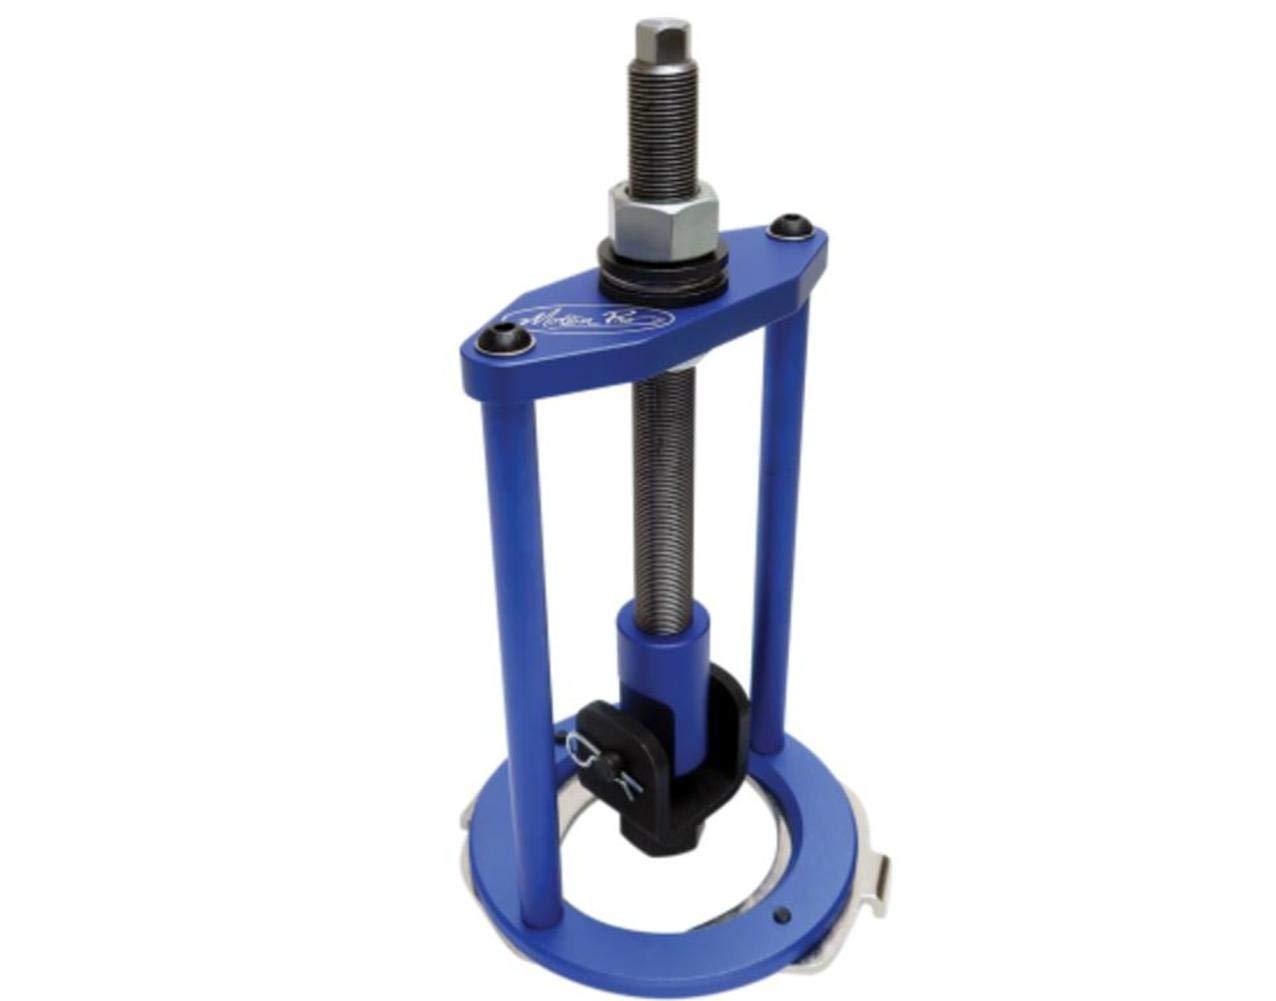 Motion Pro Shock Spring Compressor